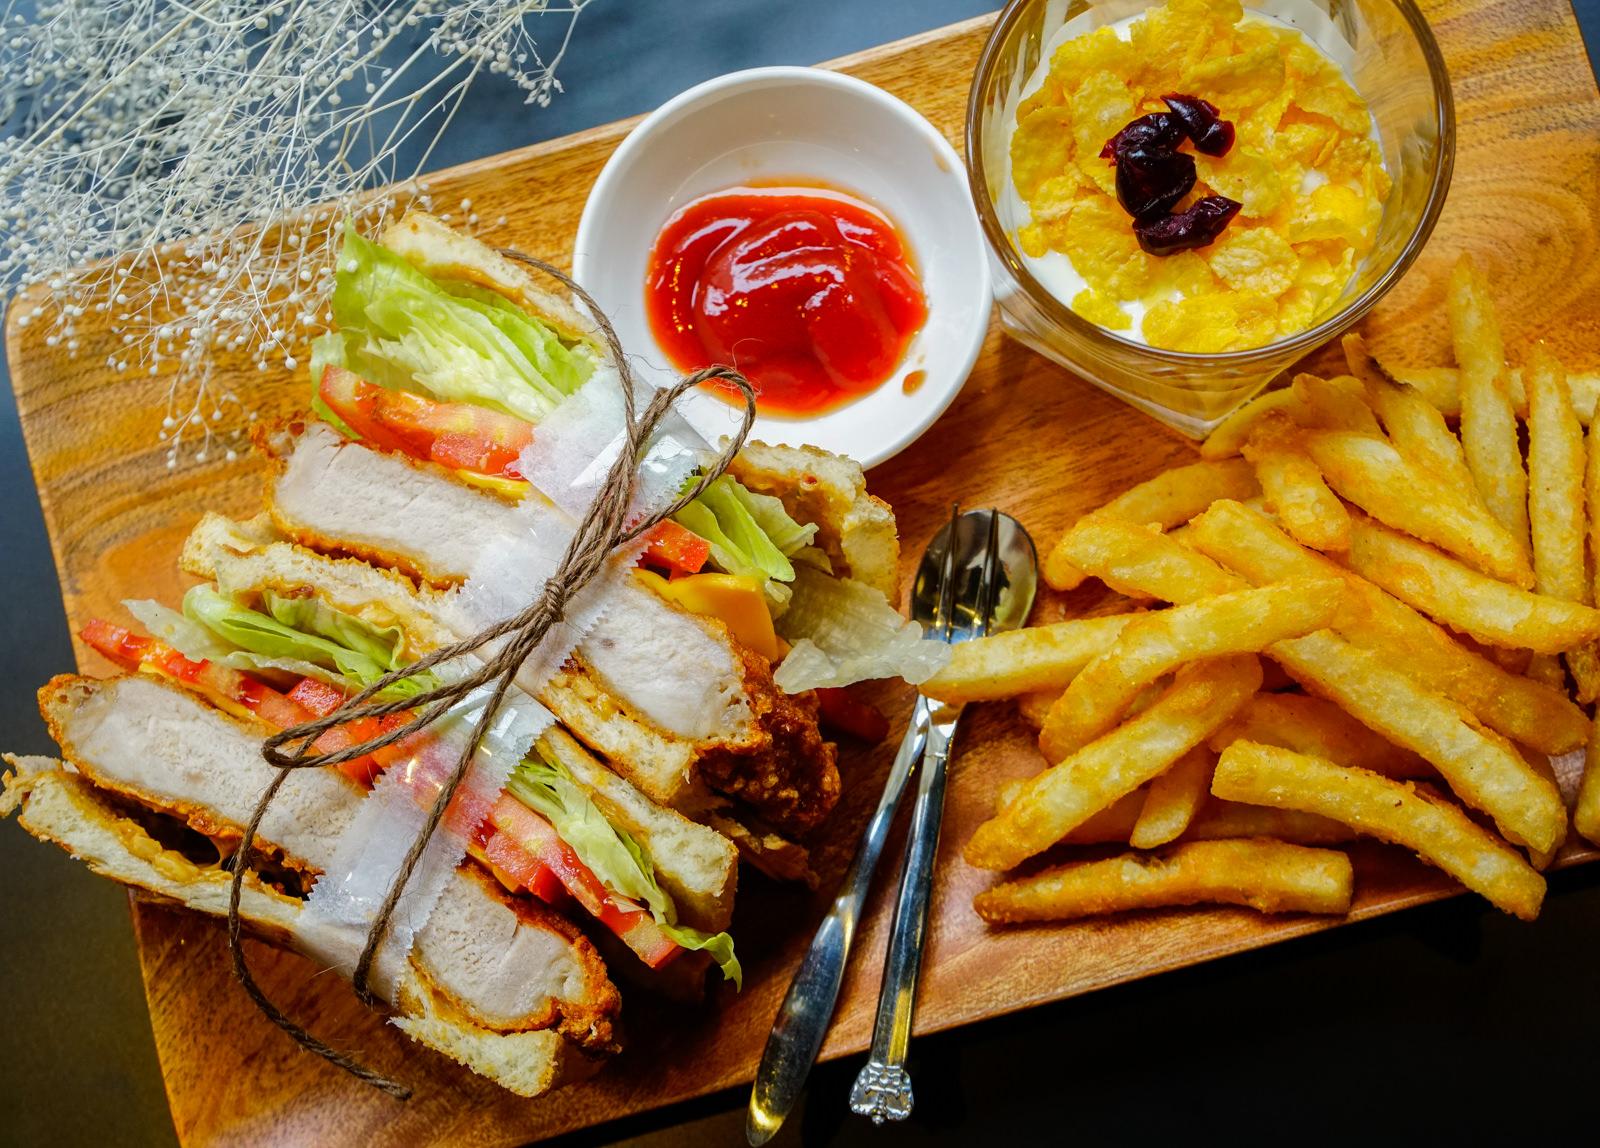 [高雄]花拾間咖啡廚房-飽足豬排三明治x美味家常味簡餐 充滿藝術氣息的咖啡店 高雄簡餐推薦